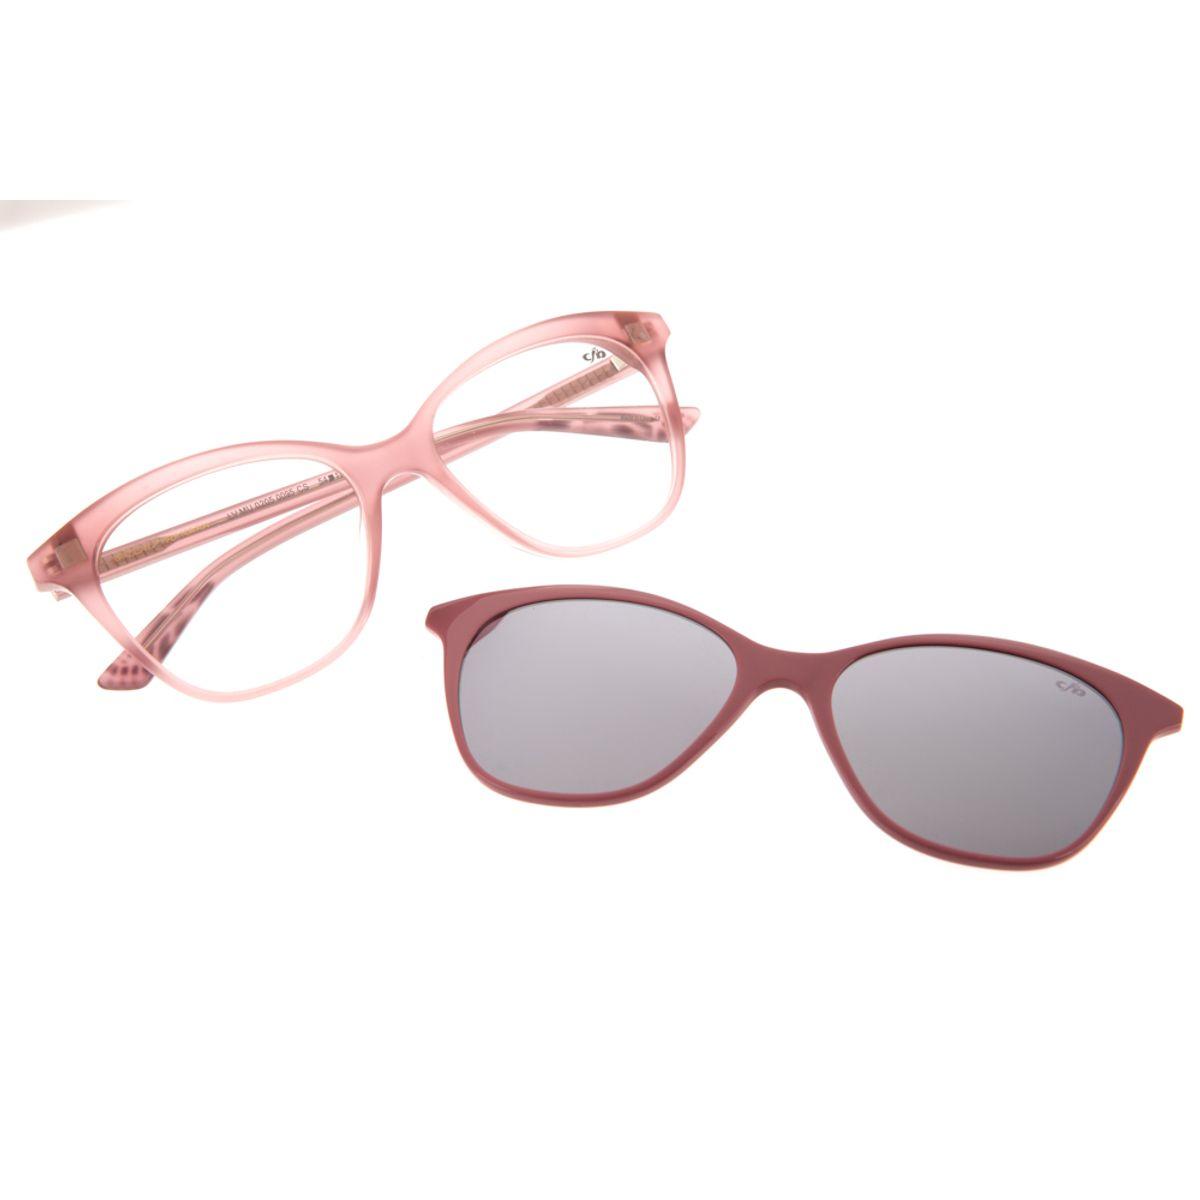 32a732be6 Armação para Óculos de Grau Chilli Beans Feminino Multi Clip On Gatinho  Rosa - LV.MU.0205.0095 M. REF: LV.MU.0205.0095. Previous